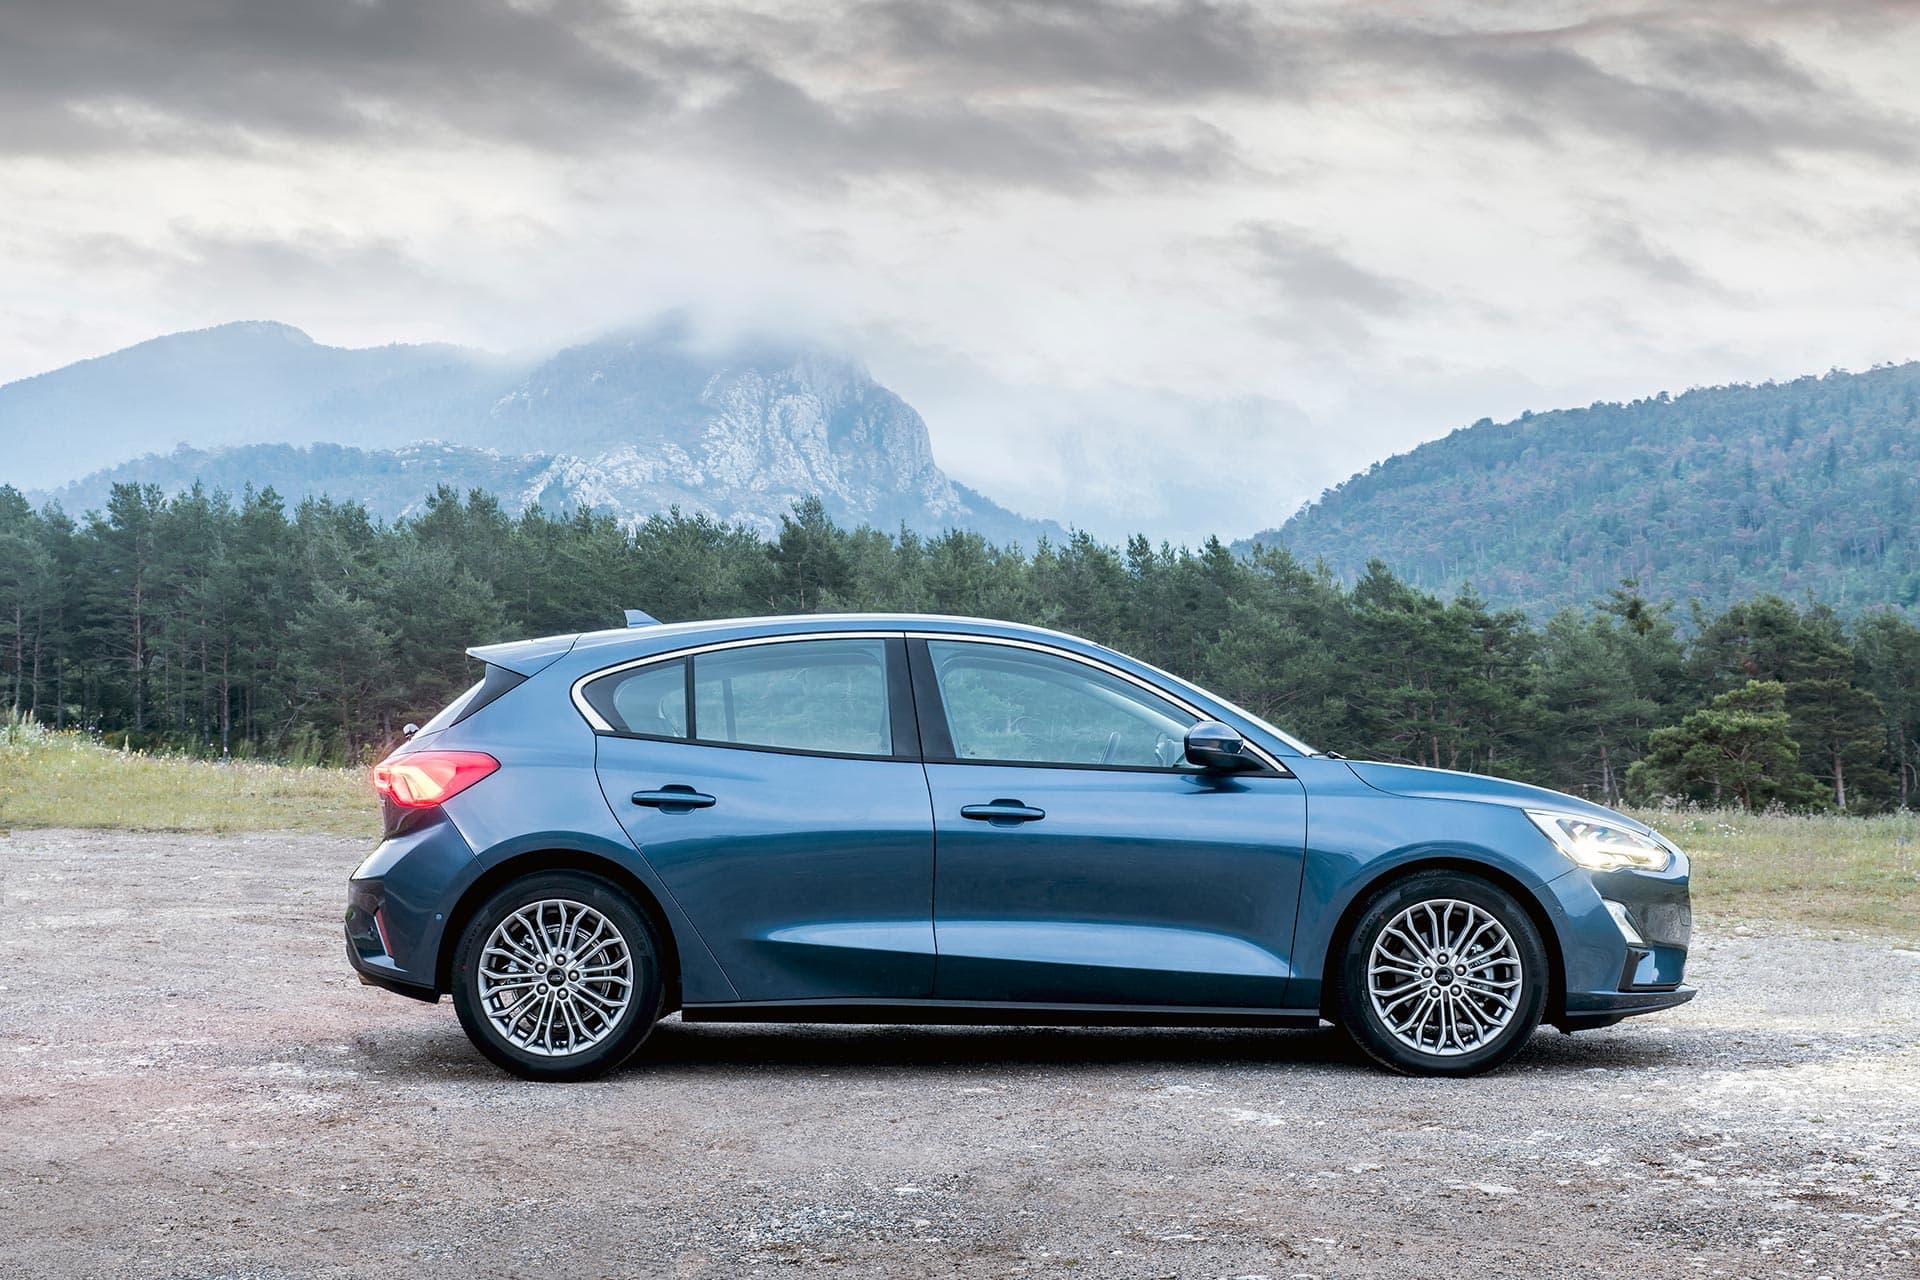 renting ford focus 1.5 ecoblue trend exterior